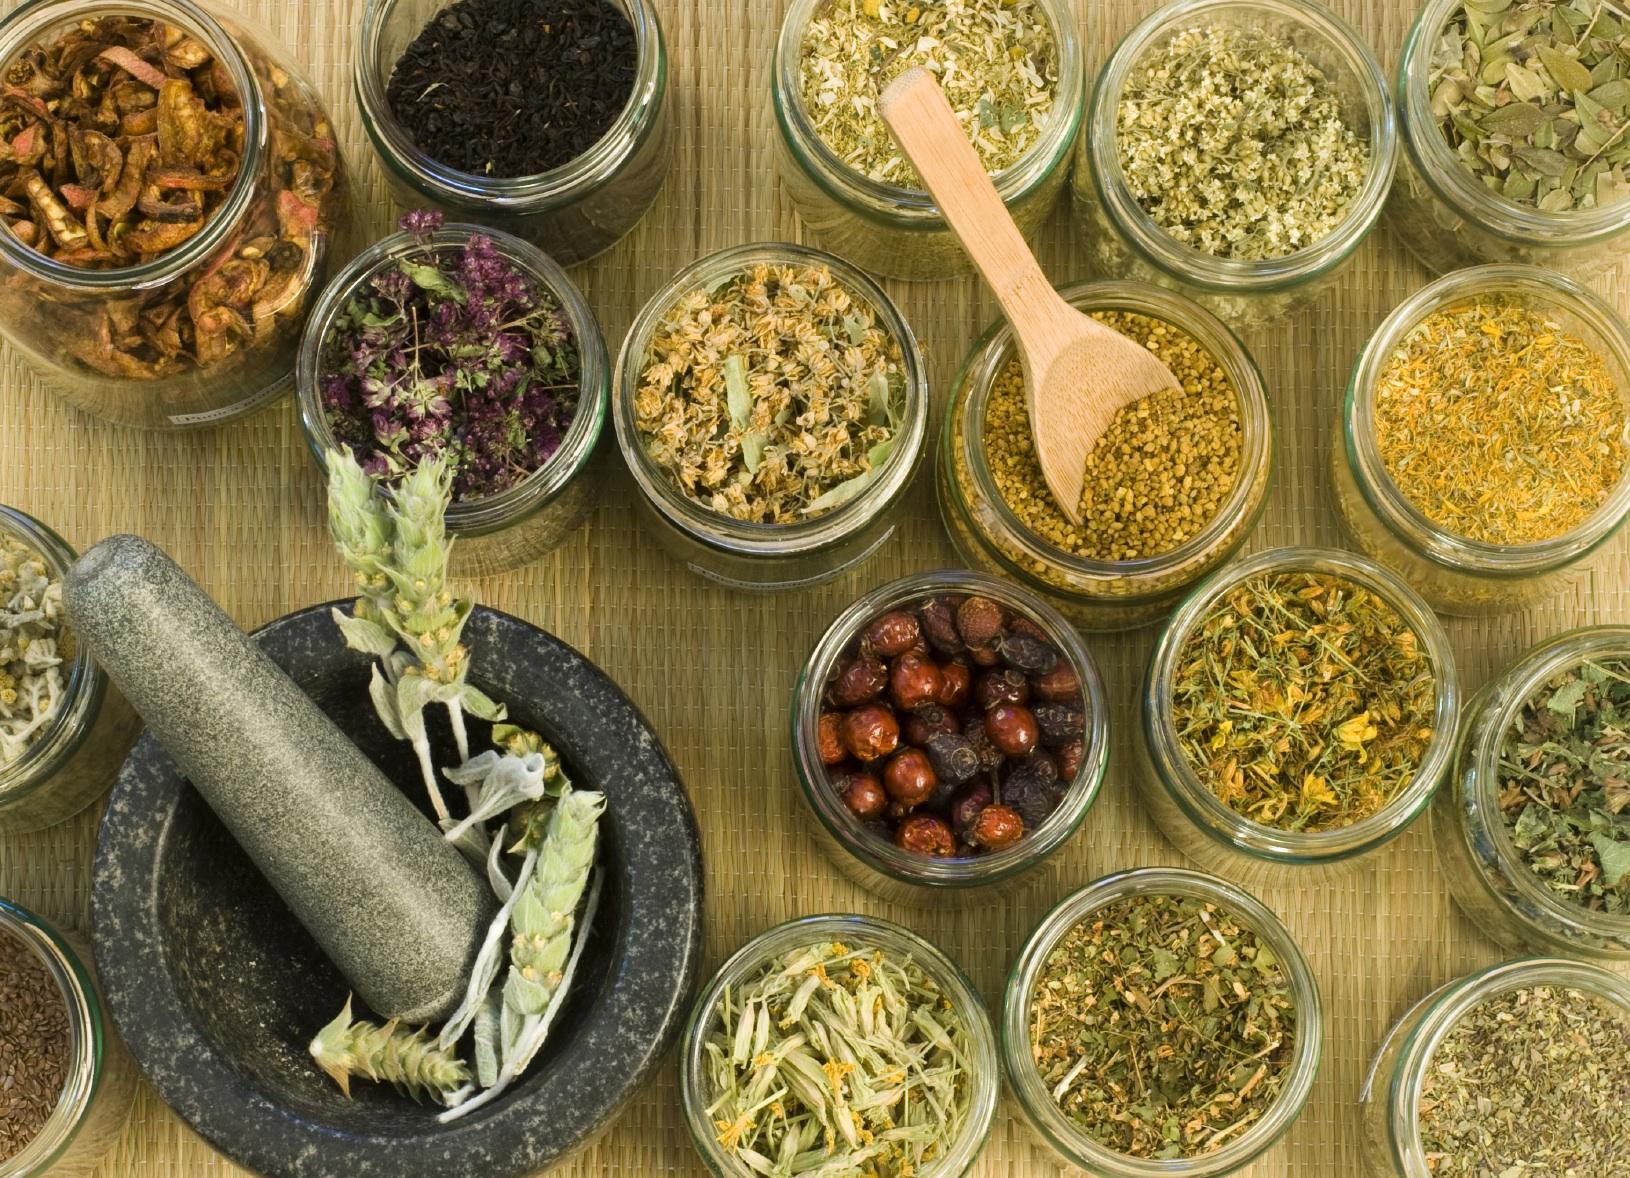 افزایش آرامش با کمک طب سنتی